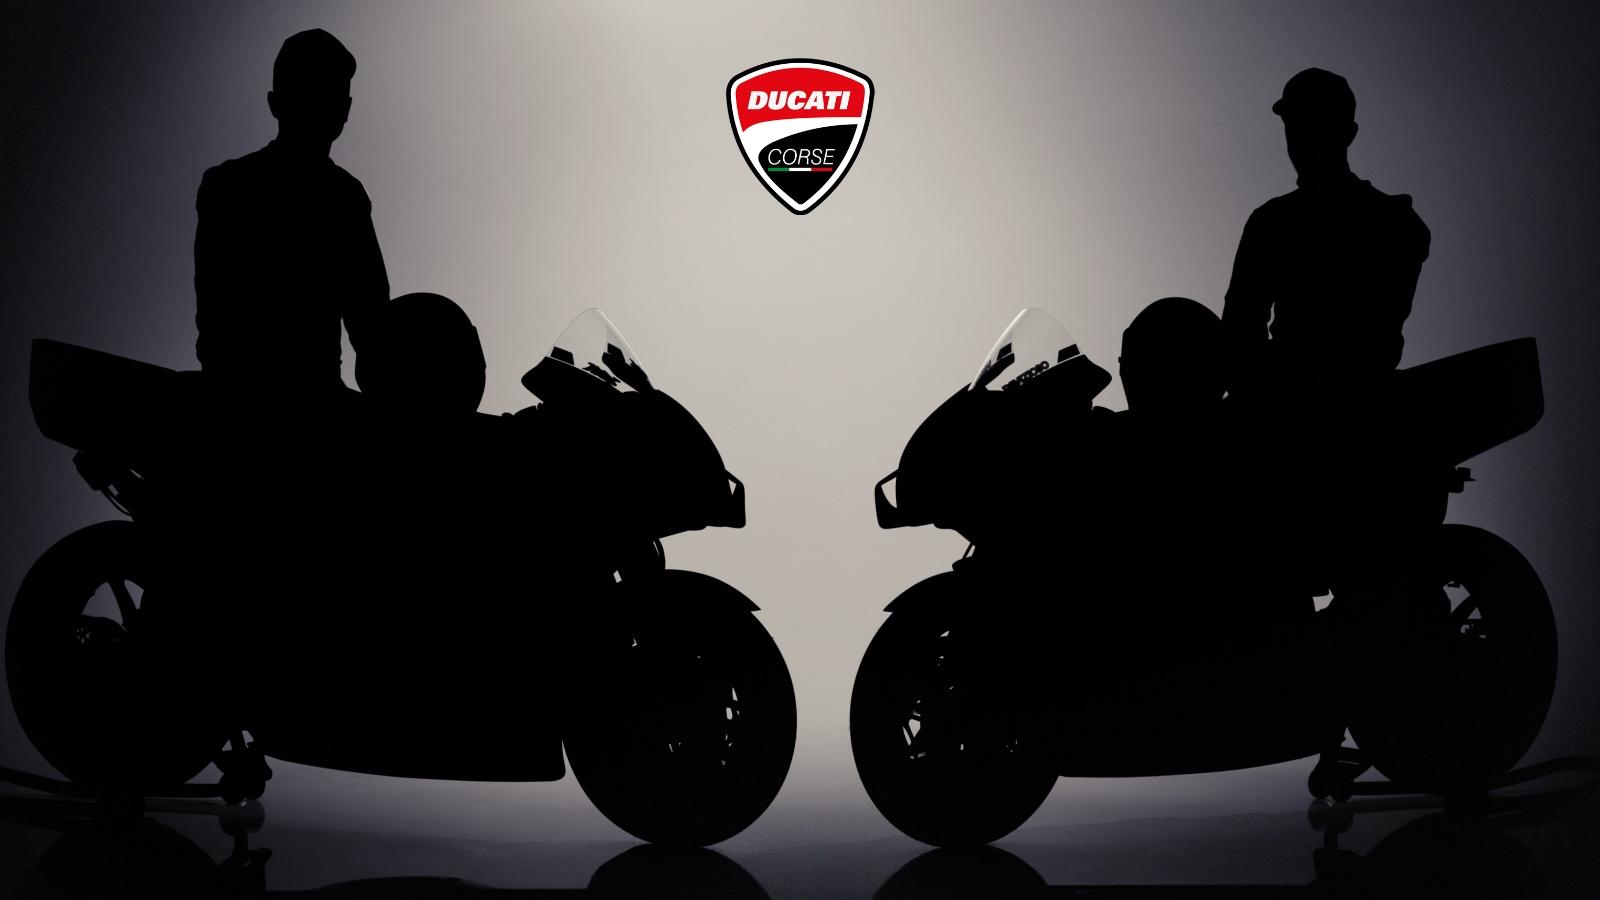 Vuelve a ver la presentación Ducati Desmosedici GP20 MotoGP 2020